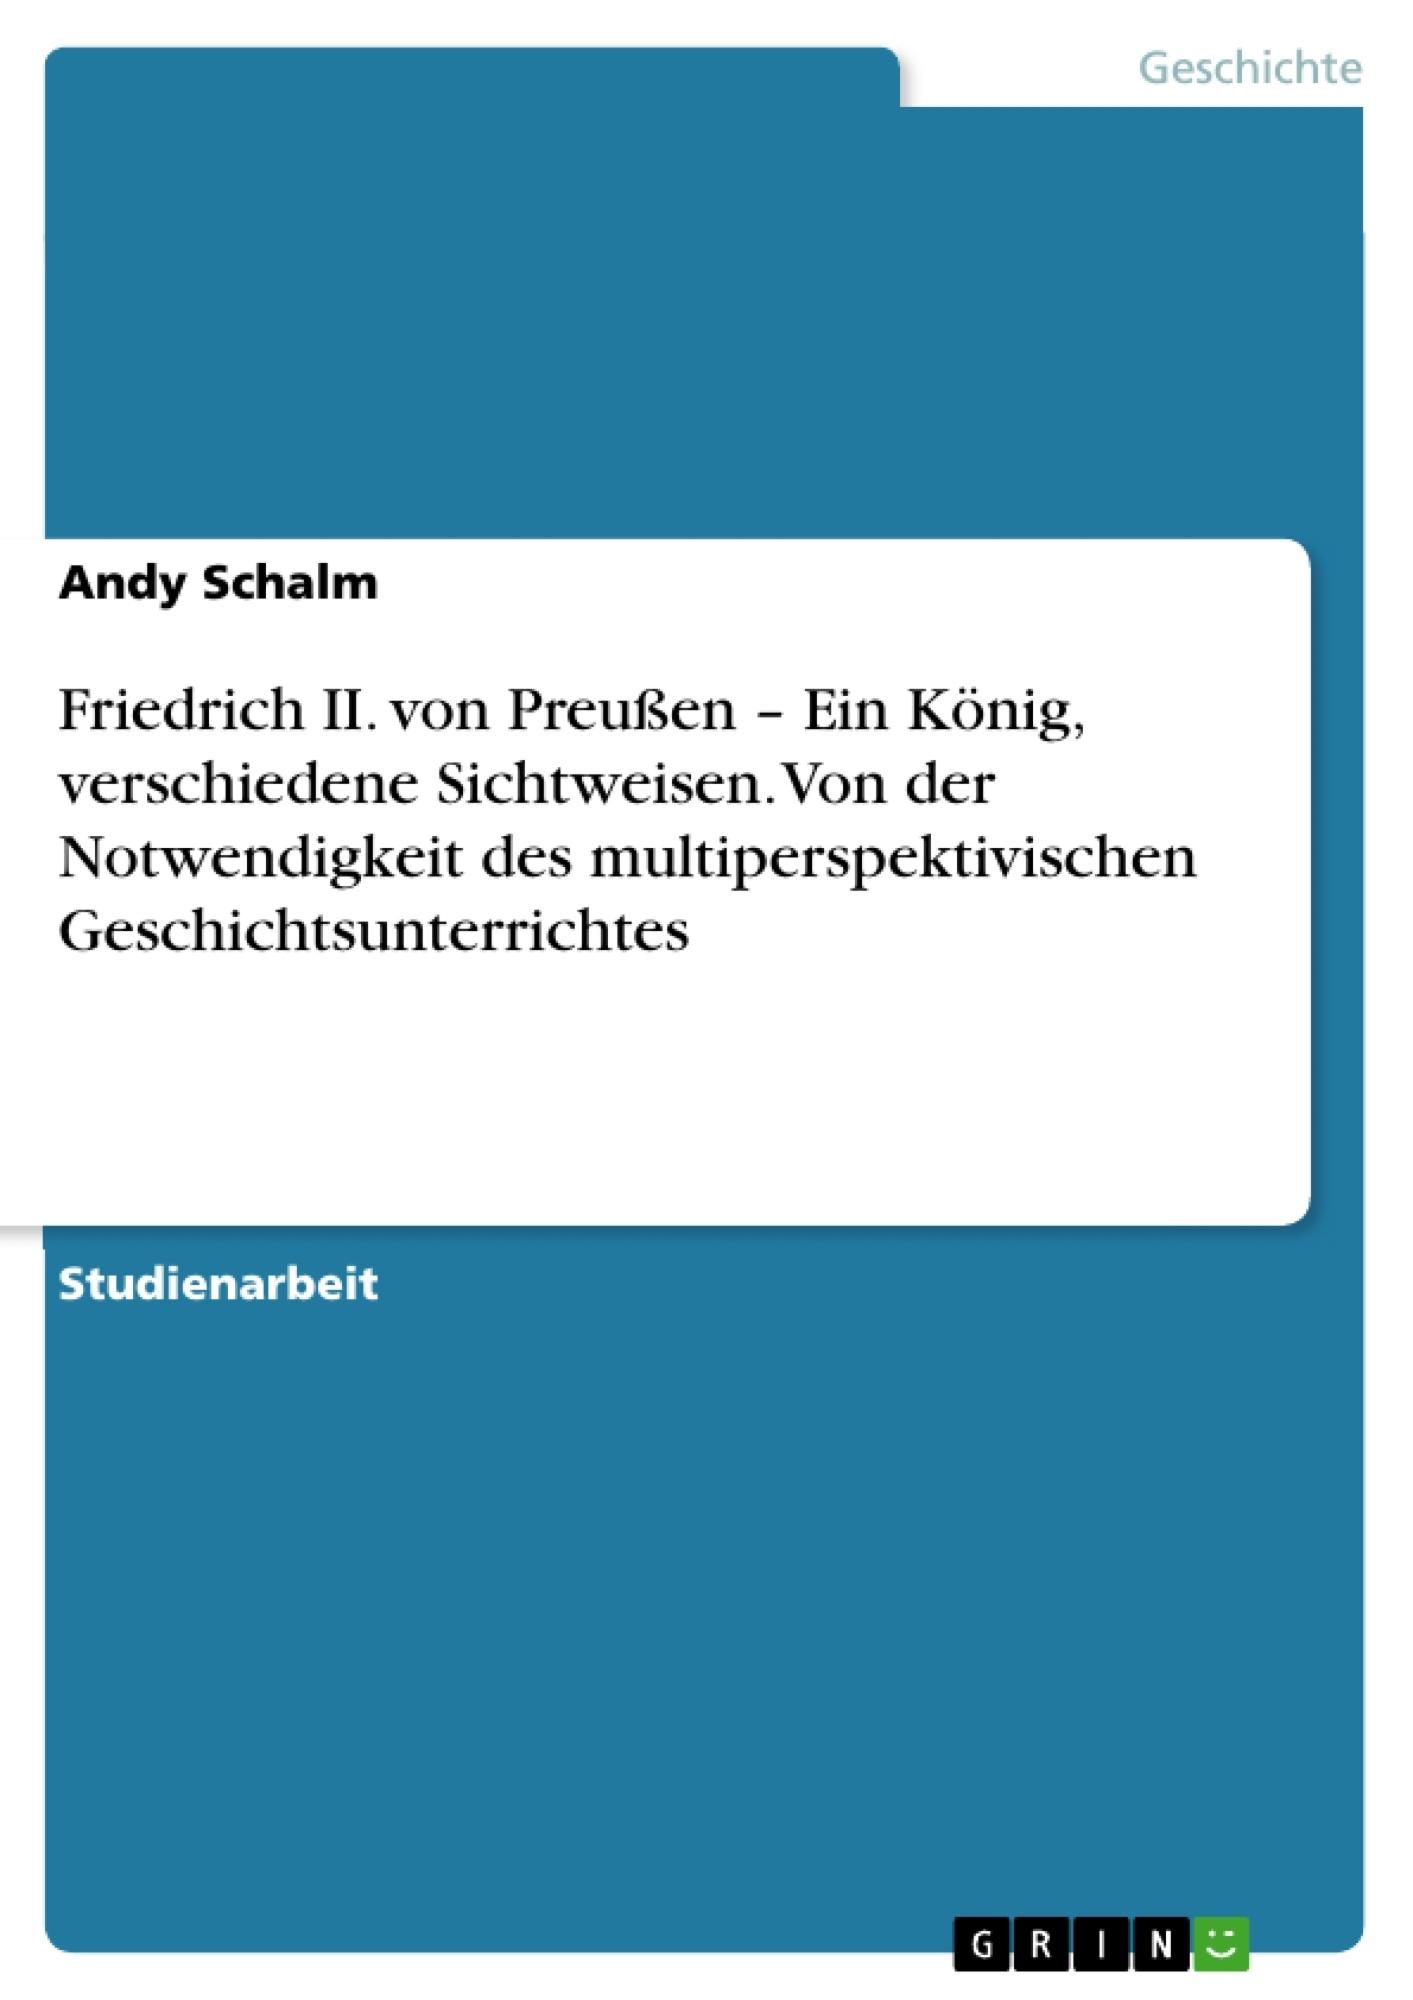 Titel: Friedrich II. von Preußen – Ein König, verschiedene Sichtweisen.   Von der Notwendigkeit des multiperspektivischen Geschichtsunterrichtes